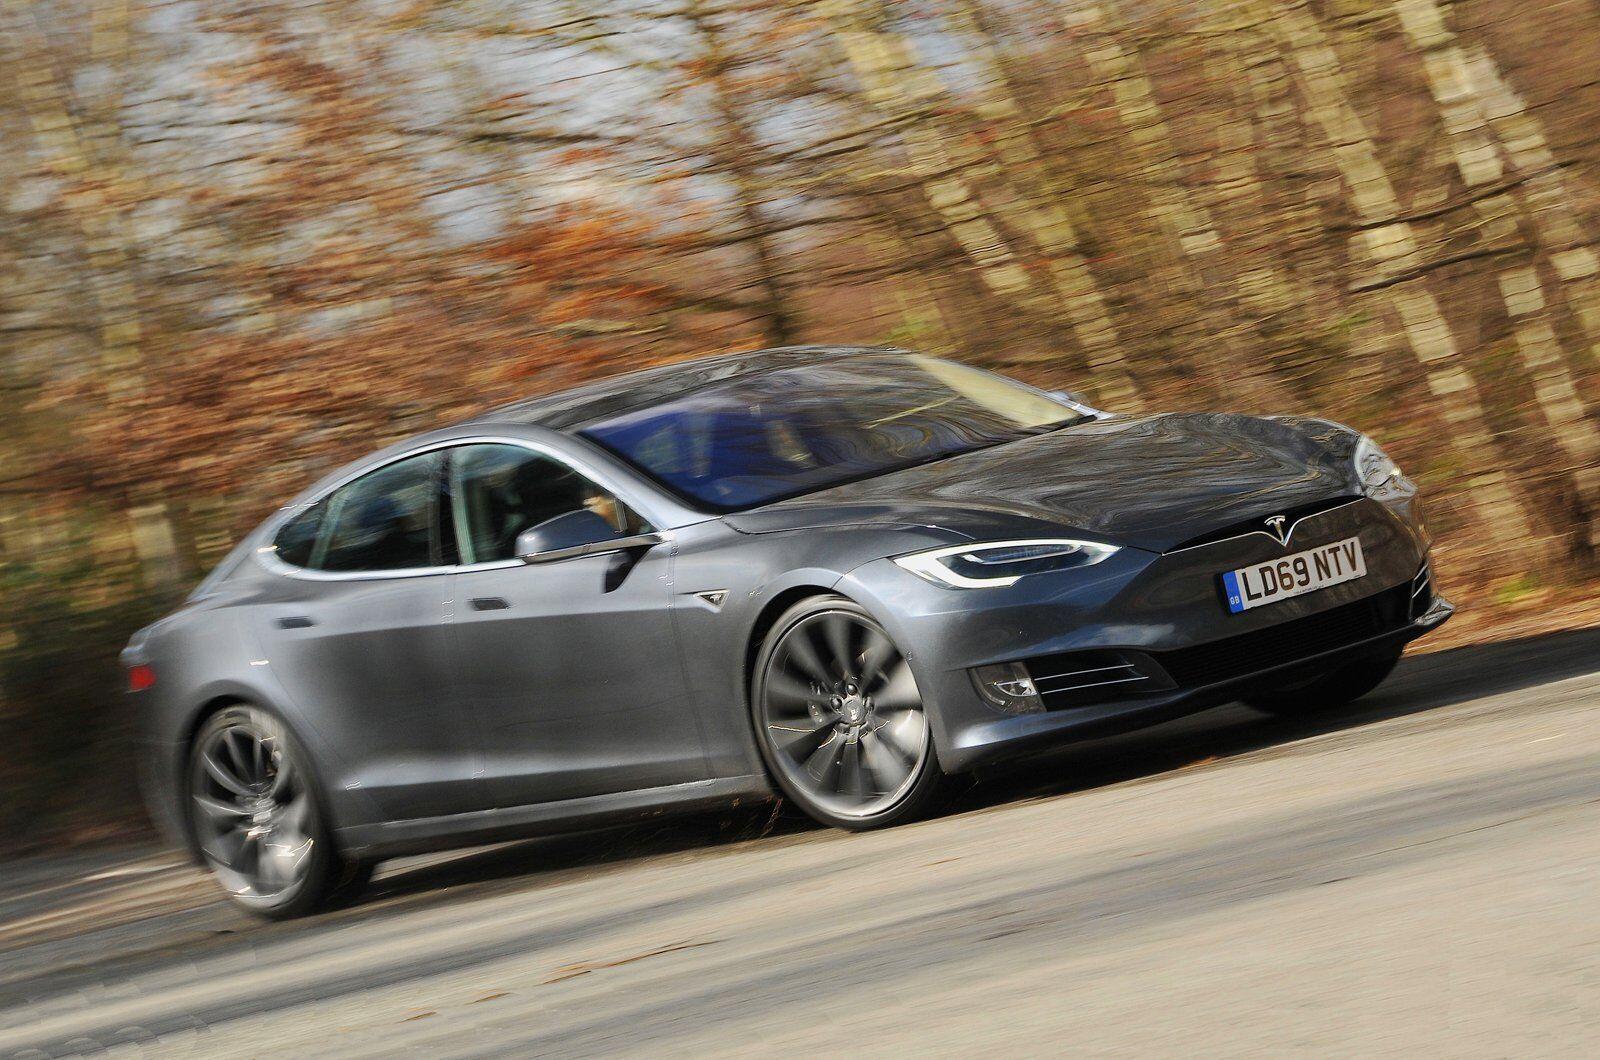 Tesla Model S - автомобіль, який показав найменшу надійність серед електрокарів і гібридів